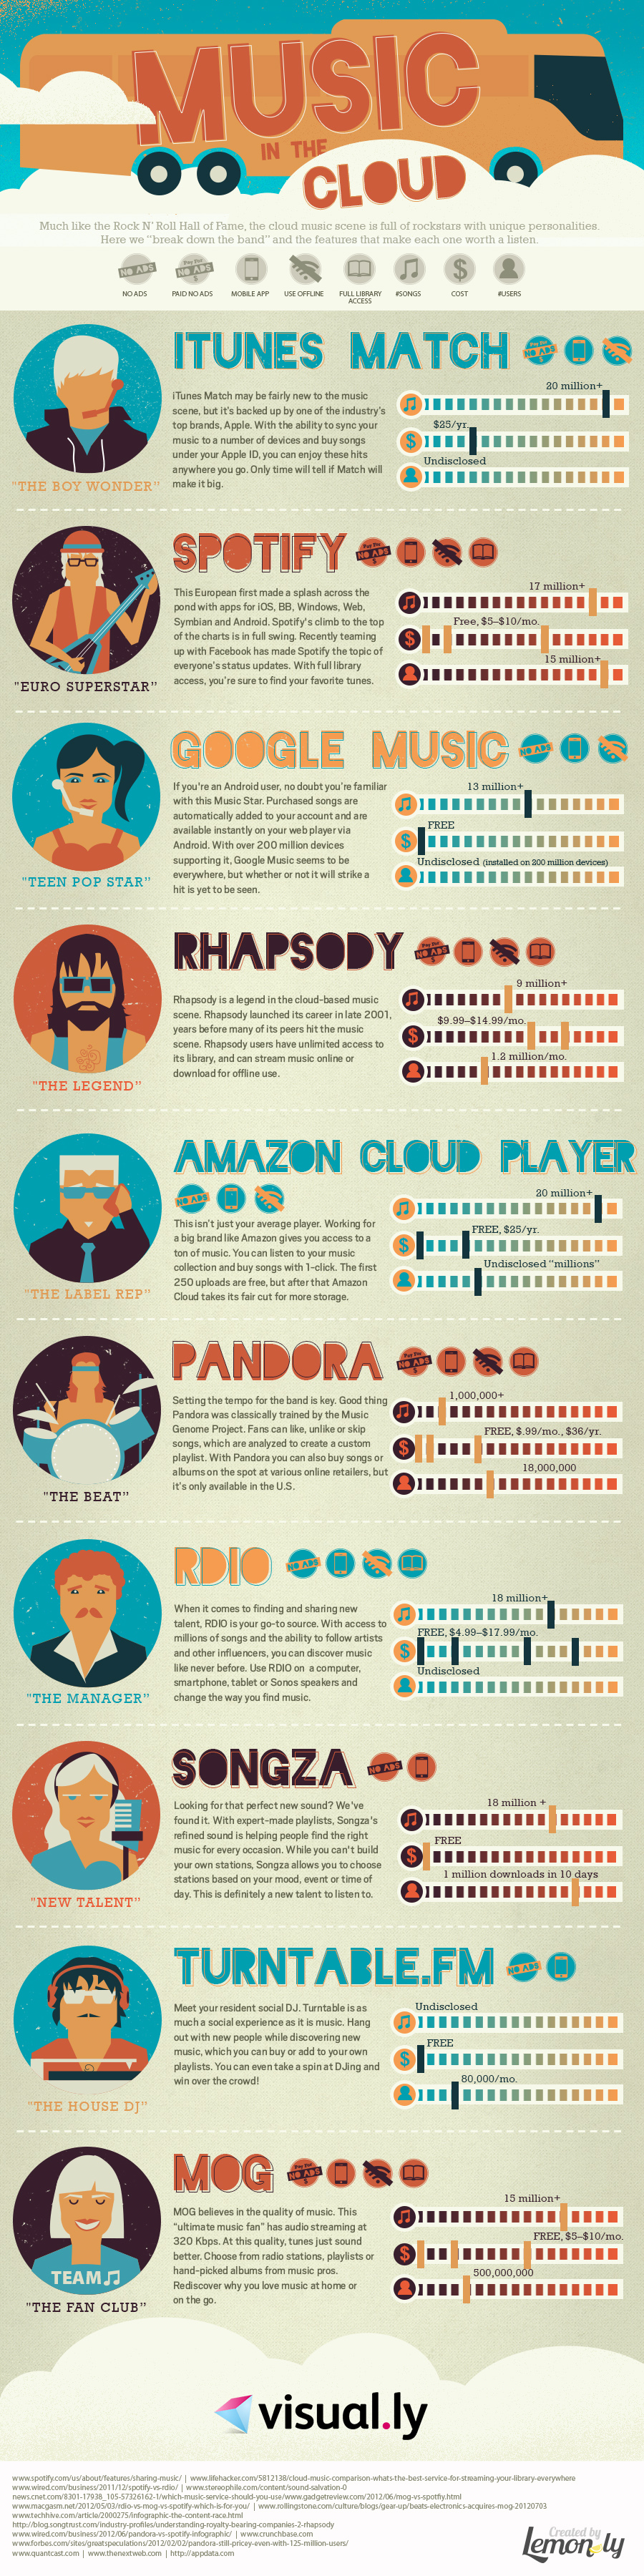 muziek apps in de cloud overzicht